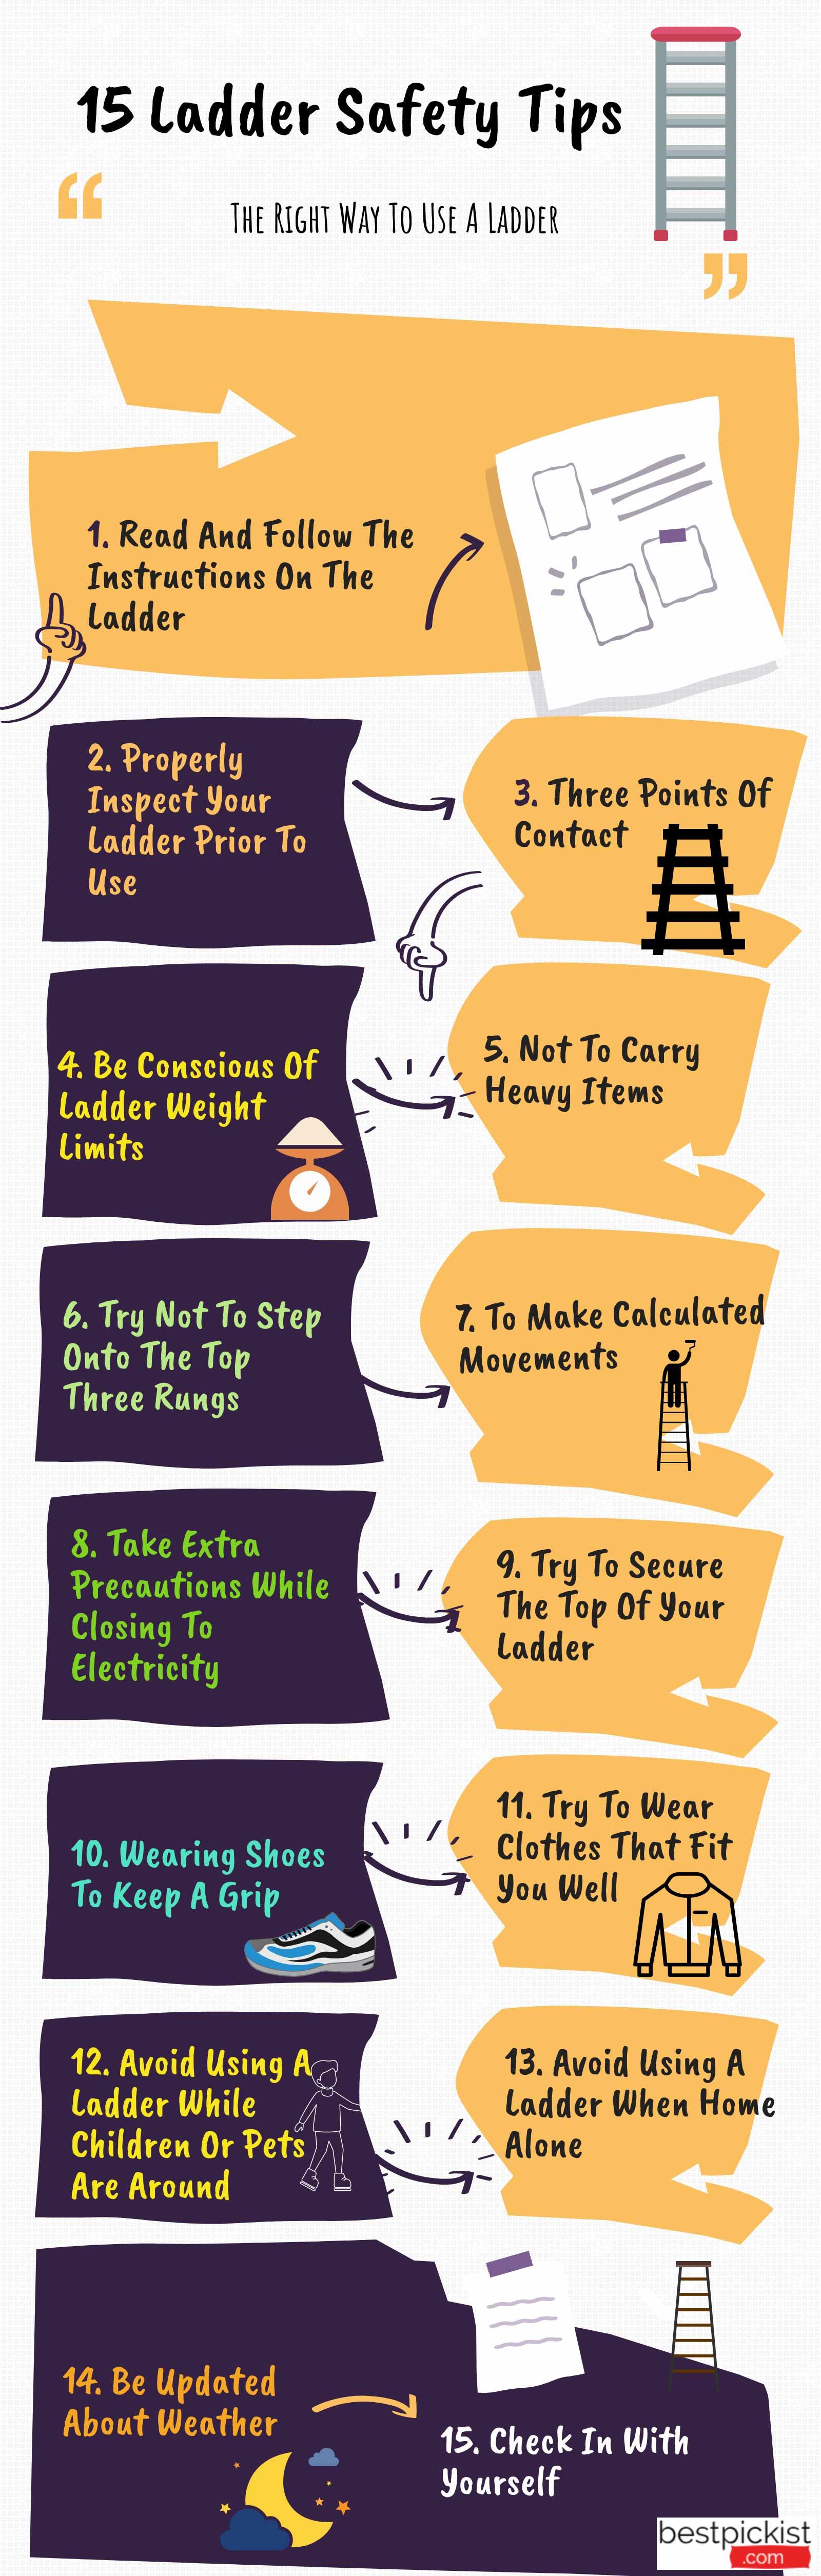 ladder safety- 15 tips